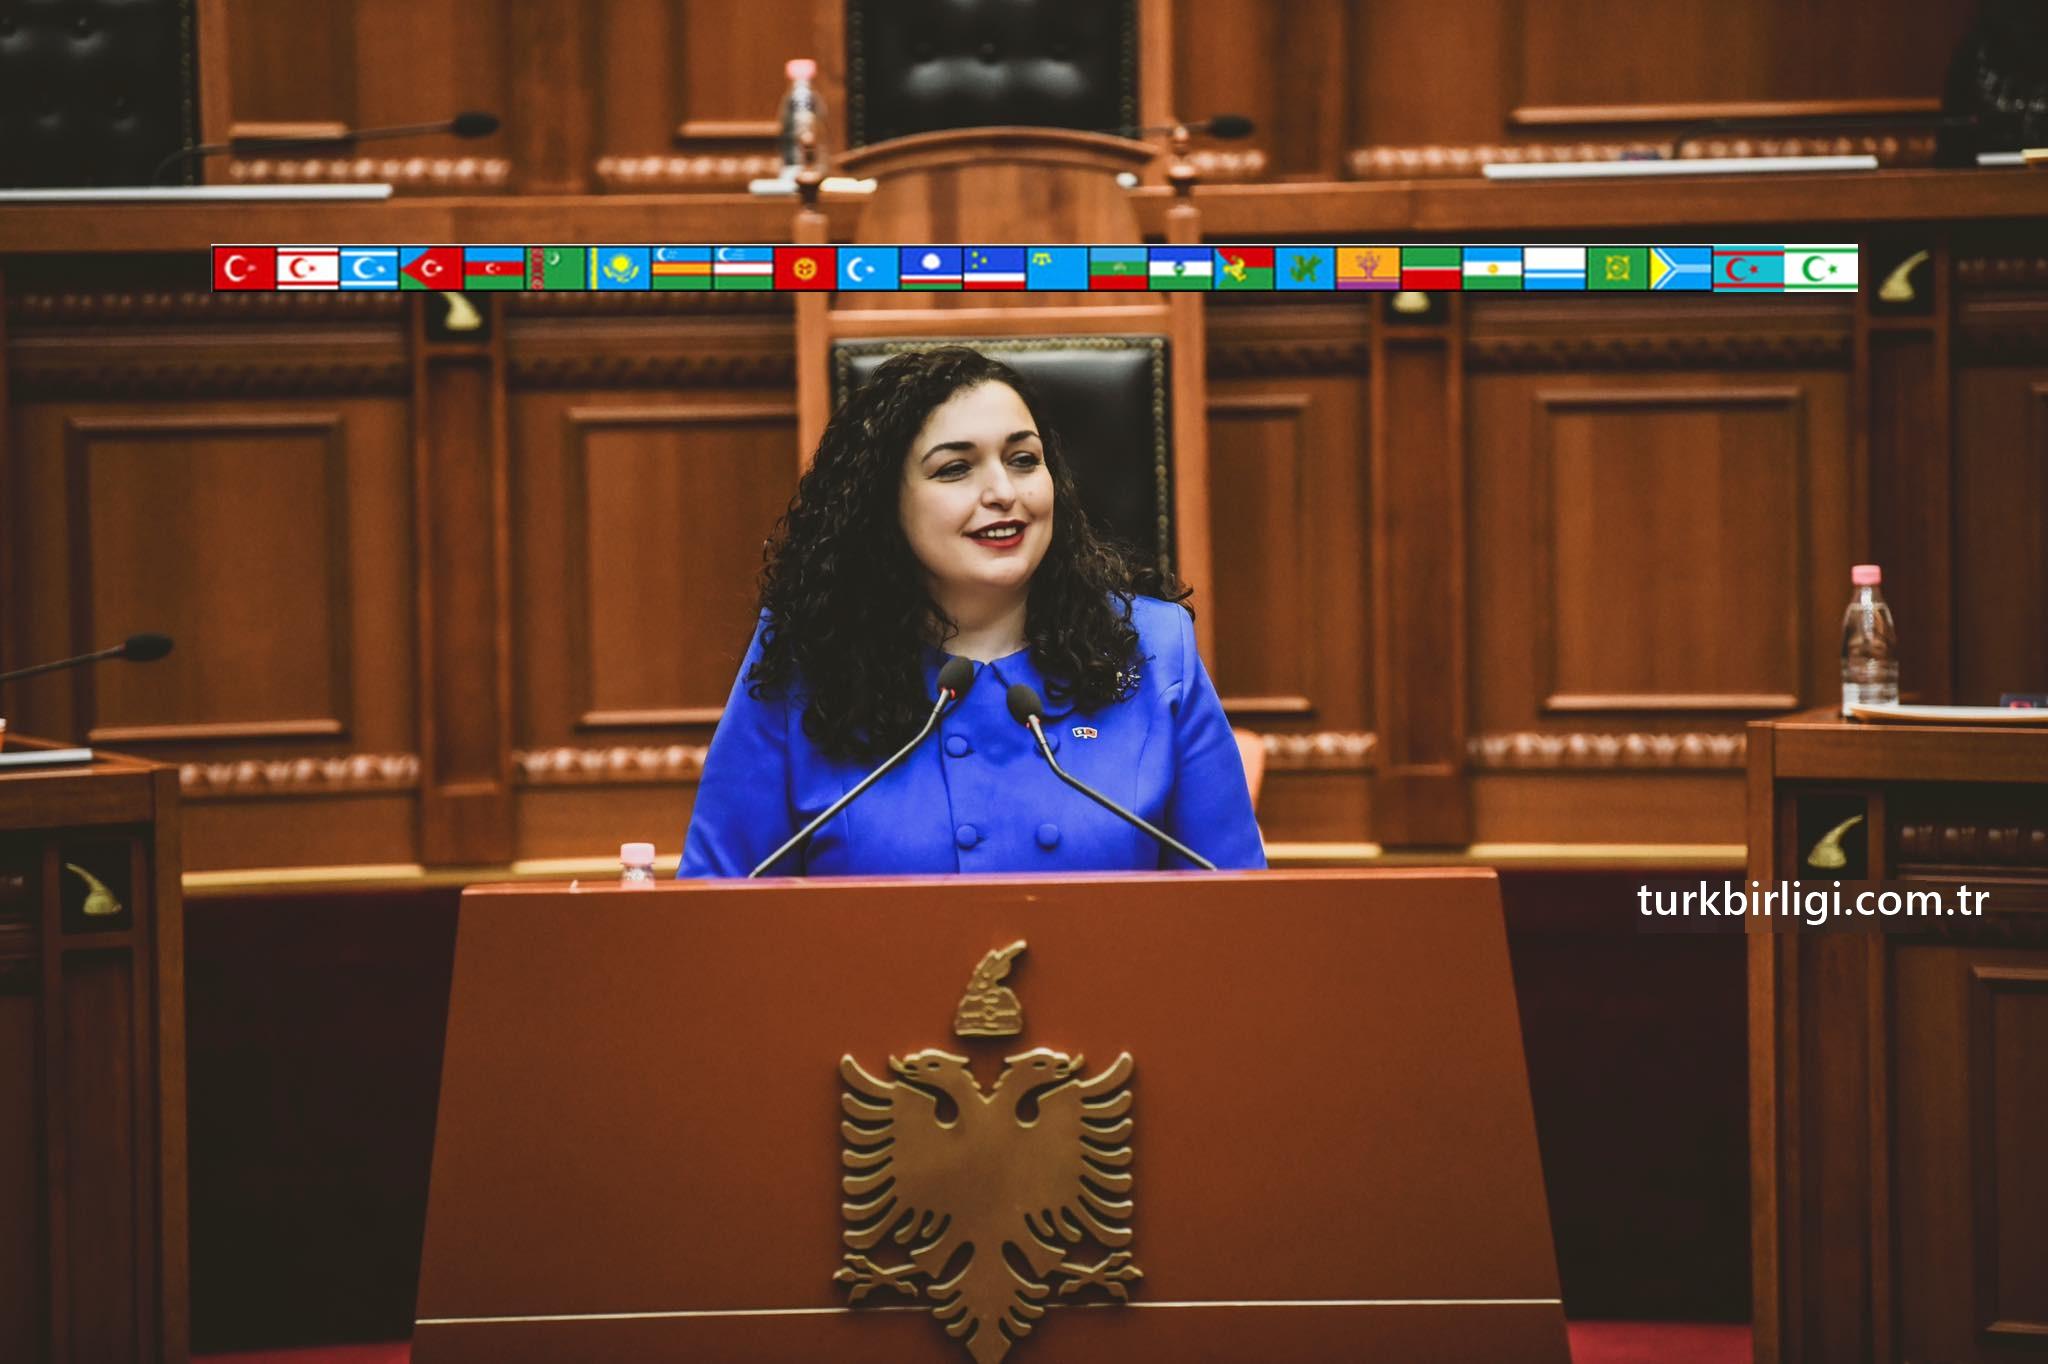 KOSOVA'NIN İLK TÜRKÇE KONUŞAN CUMHURBAŞKANI VJOSA OSMANI HANIMEFENDİYİ TEBRİK EDERİM